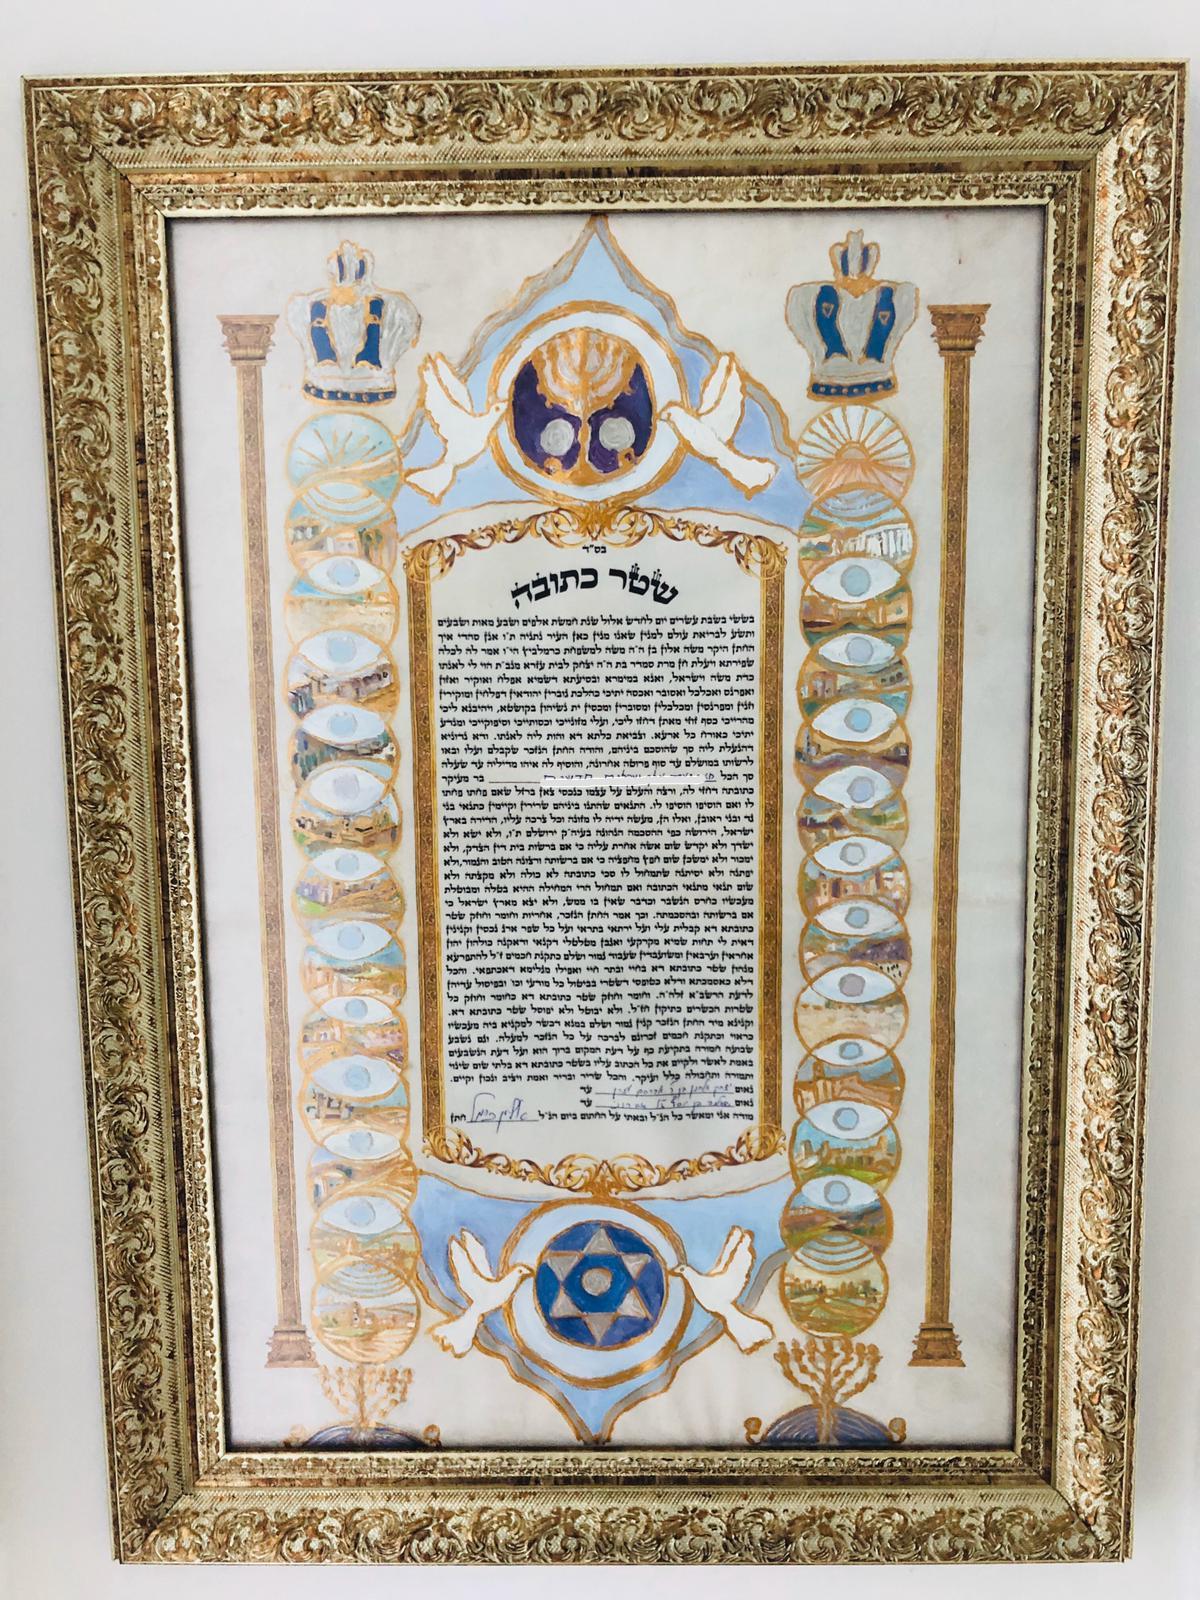 כתובה מודפסת על קלף, יצירת אומנות יהודית